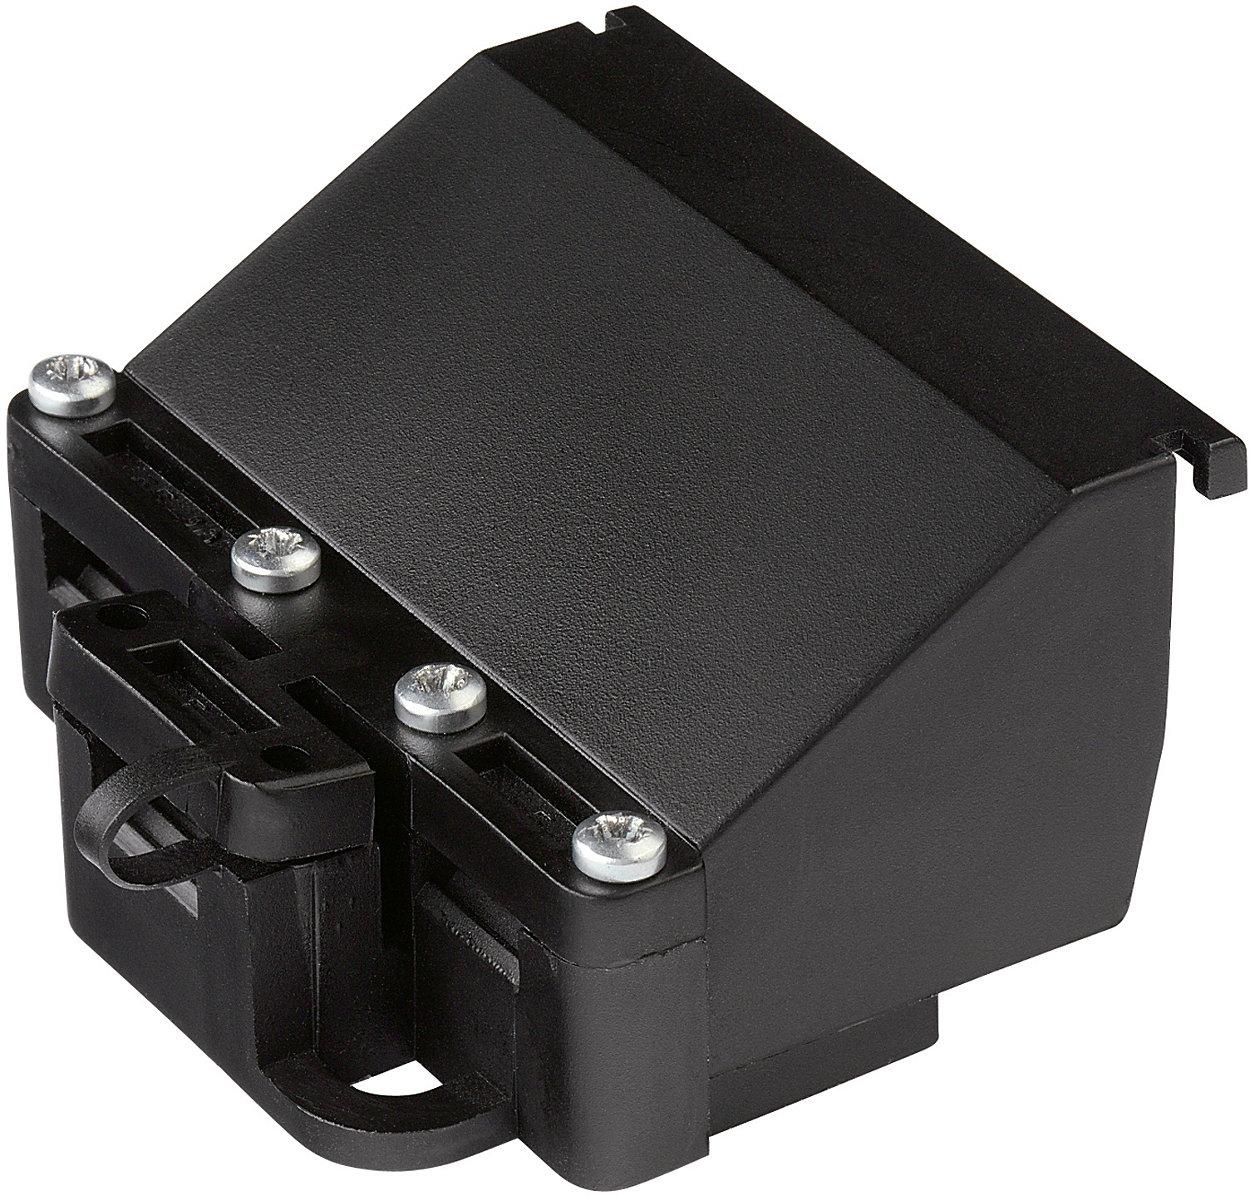 PrimaVision SDW-TG (50 och 100 W) för SDW-TG – högkvalitativ och robust